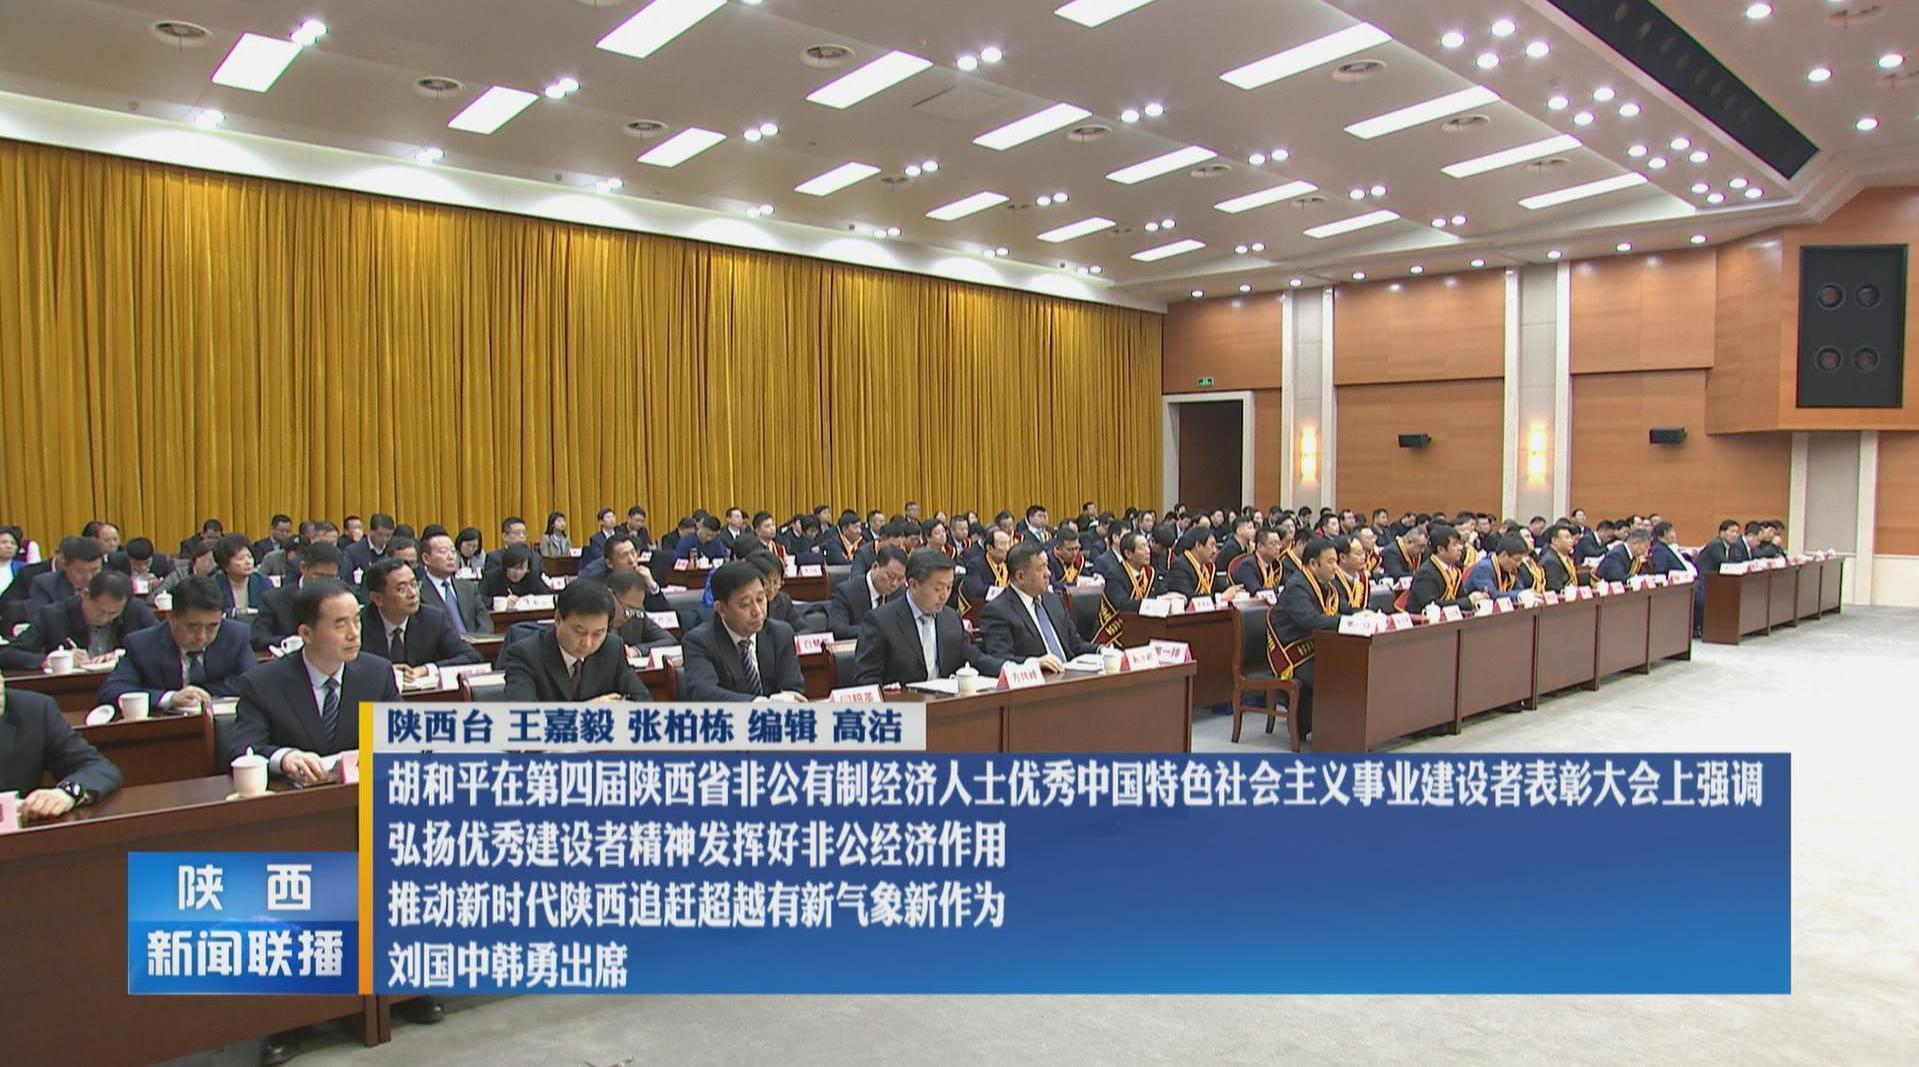 胡和平在第四届陕西省非公有制经济人士优秀中国特色社会主义事业